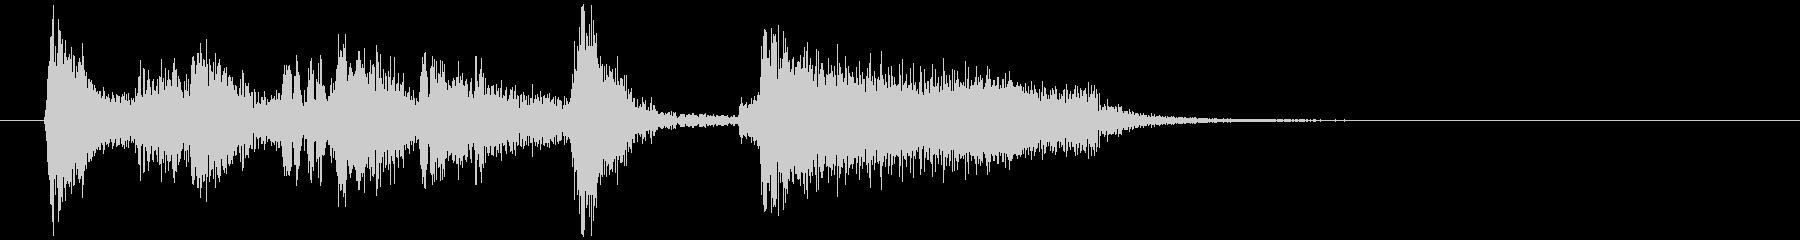 場面転換などにジャズジングル(2)の未再生の波形